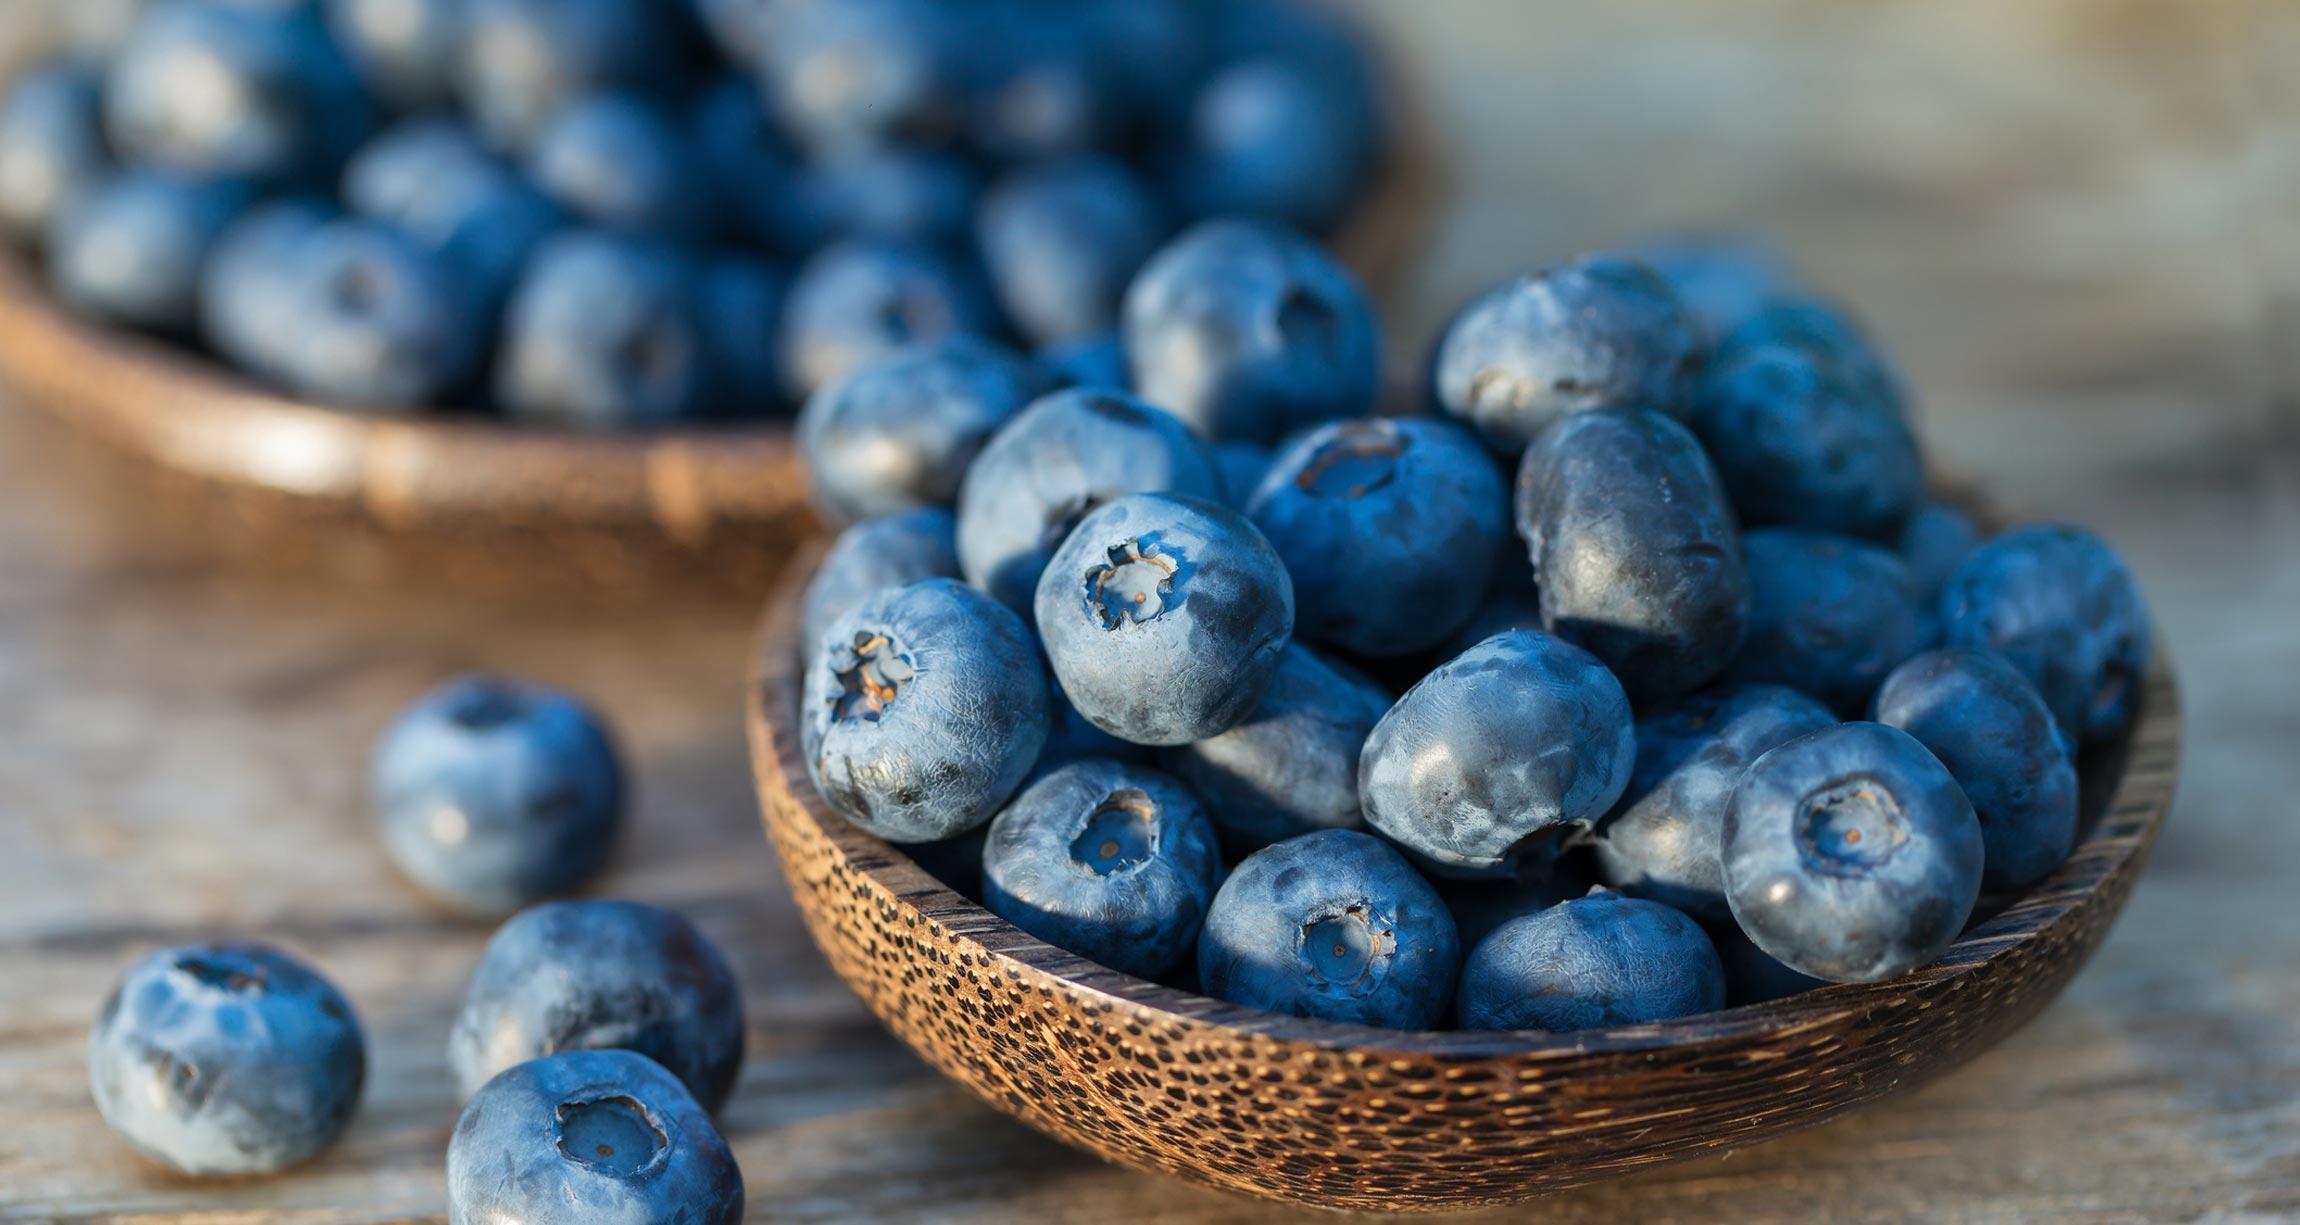 Best-foods-to-eat-for-Arthritis:-Berries